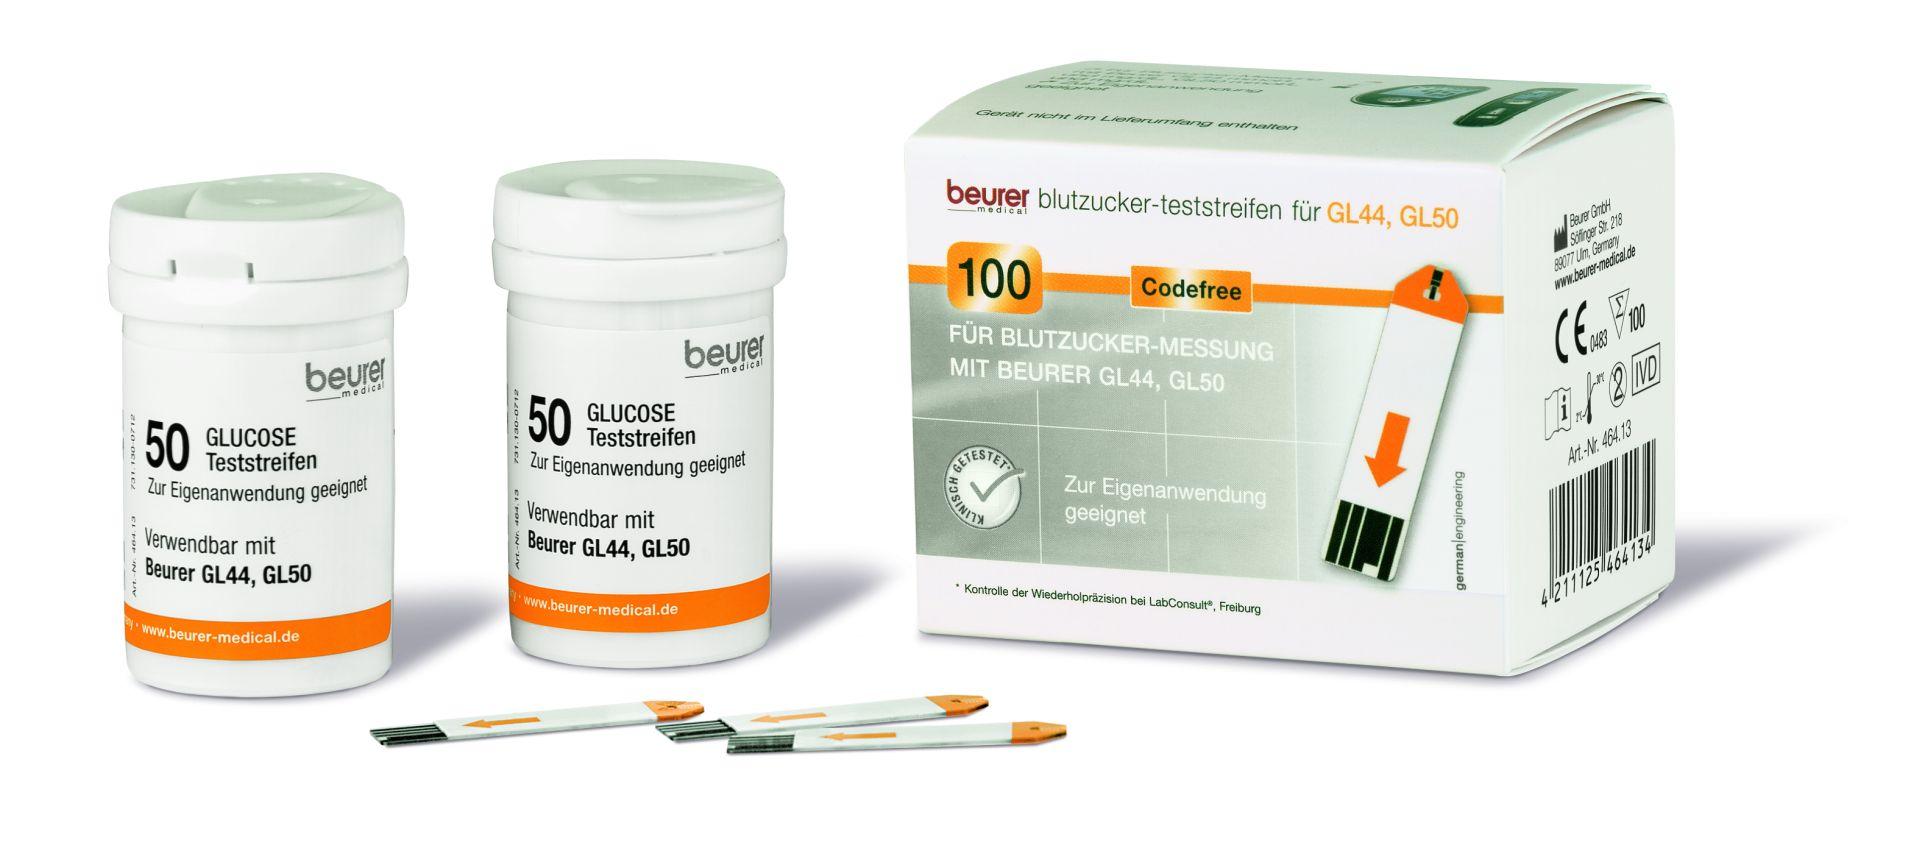 beurer GL44 / 50 / 50evo Blutzuckerteststreifen, 100 Stück